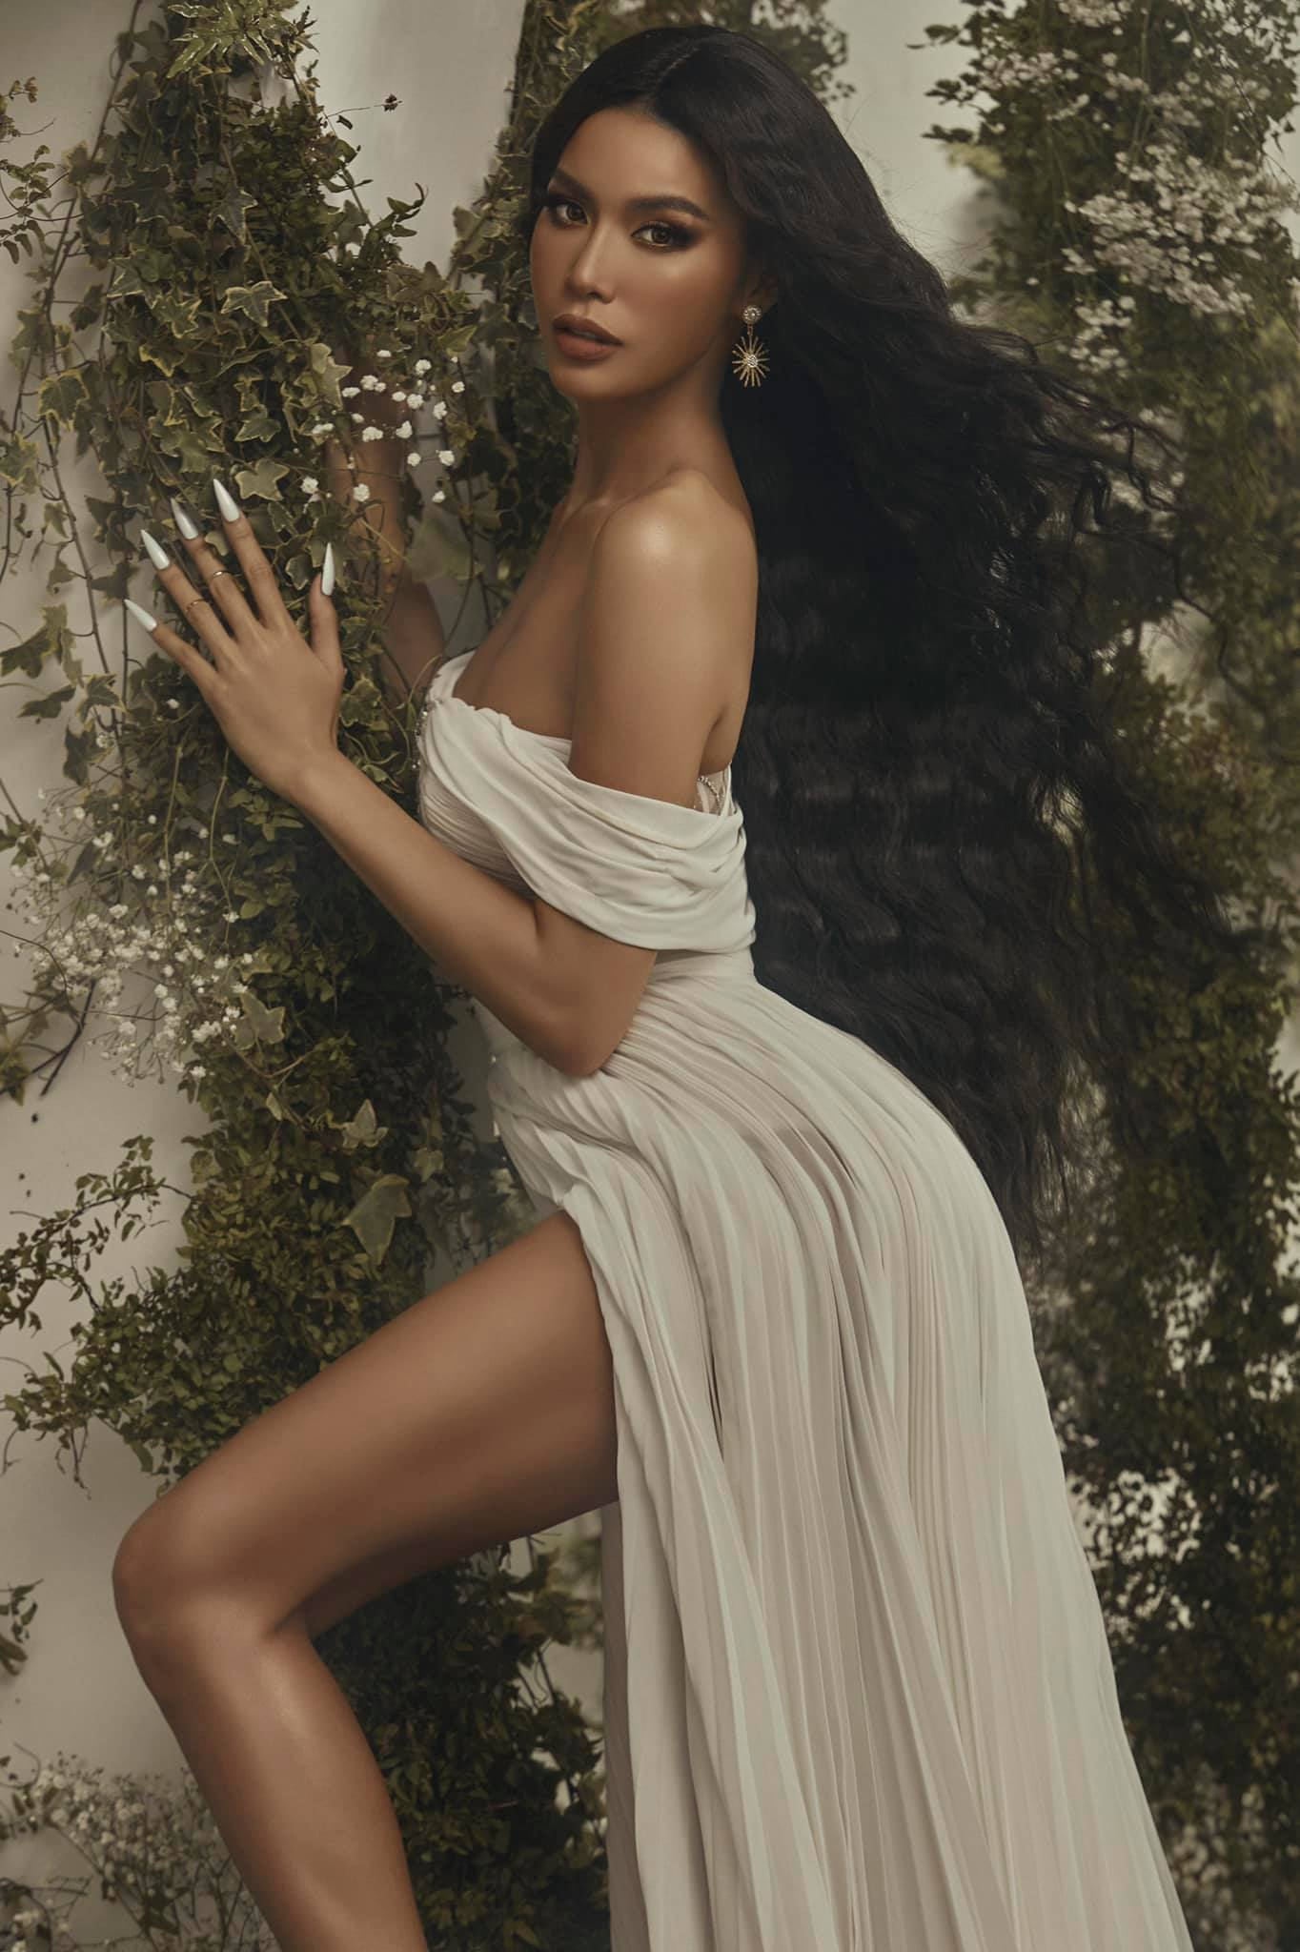 Minh Tú hoá 'nữ thần Cupid' nóng bỏng, Á hậu Phương Anh 'đốt mắt' fans với áo tắm quyến rũ ảnh 3